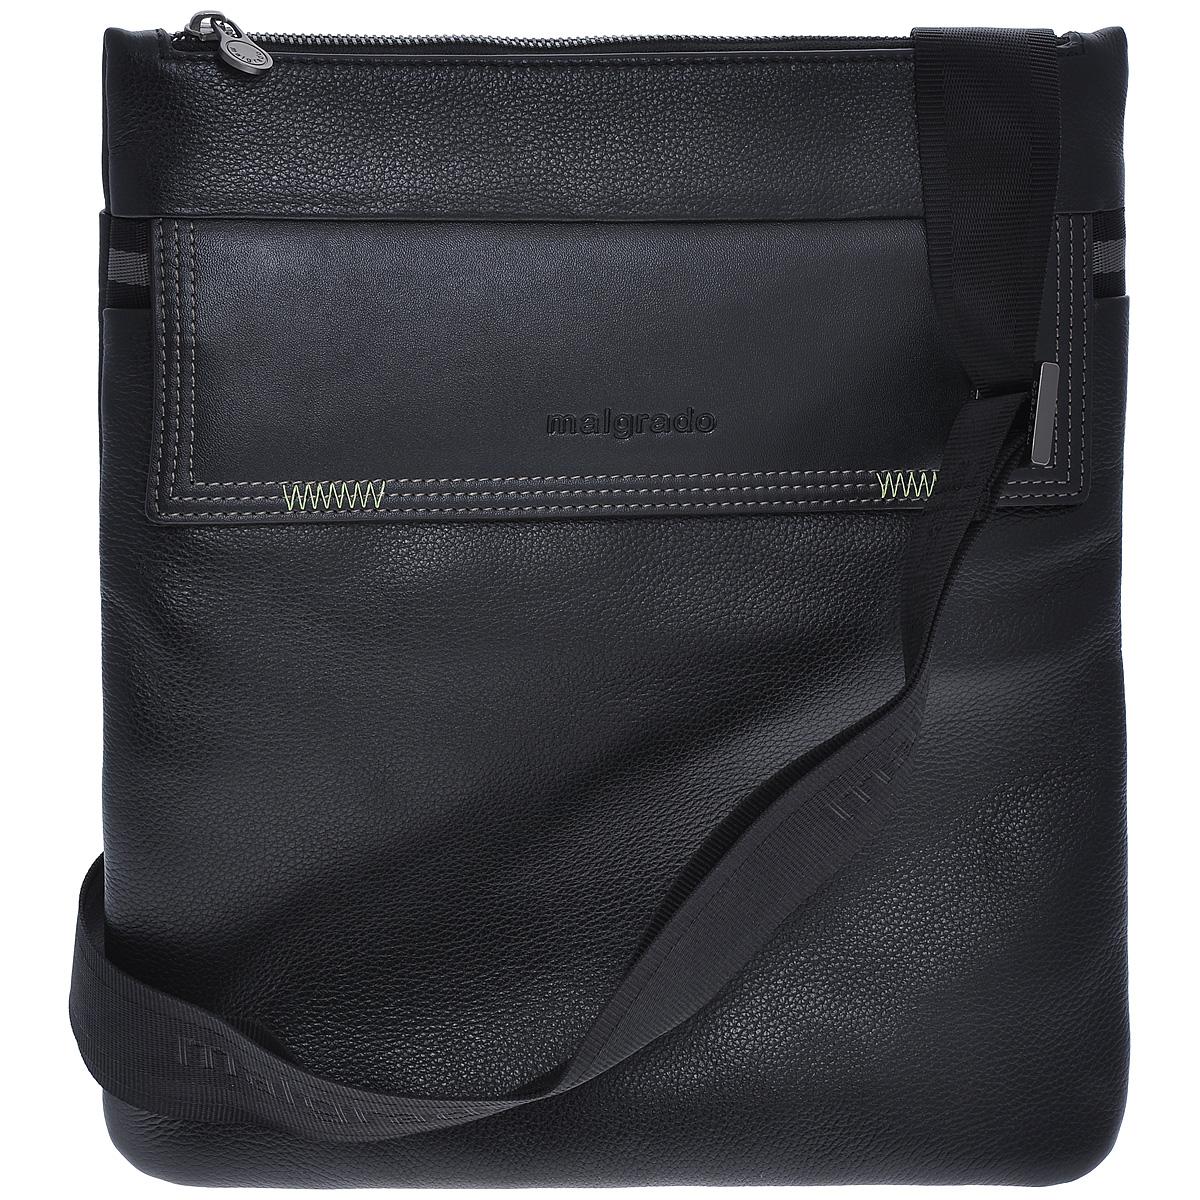 Сумка мужская Malgrado, цвет: черный. BR09-303C1836BR09-303C1836 black сумка мужская MalgradoСумка мужская Malgrado черного цвета выполнена из натуральной кожи. Основное отделение закрывается молнией, в основном отделе кожаные кармашки для ручек и мобильного телефона и карман на молнии. Спереди удобный карман, закрывающийся на магнитные кнопки, сзади удобный карман на кнопке. Модель снабжена плечевым ремнем. К сумке прилагается чехол для хранения. Сумка - это стильный аксессуар, который подчеркнет вашу изысканность и индивидуальность и сделает ваш образ завершенным.